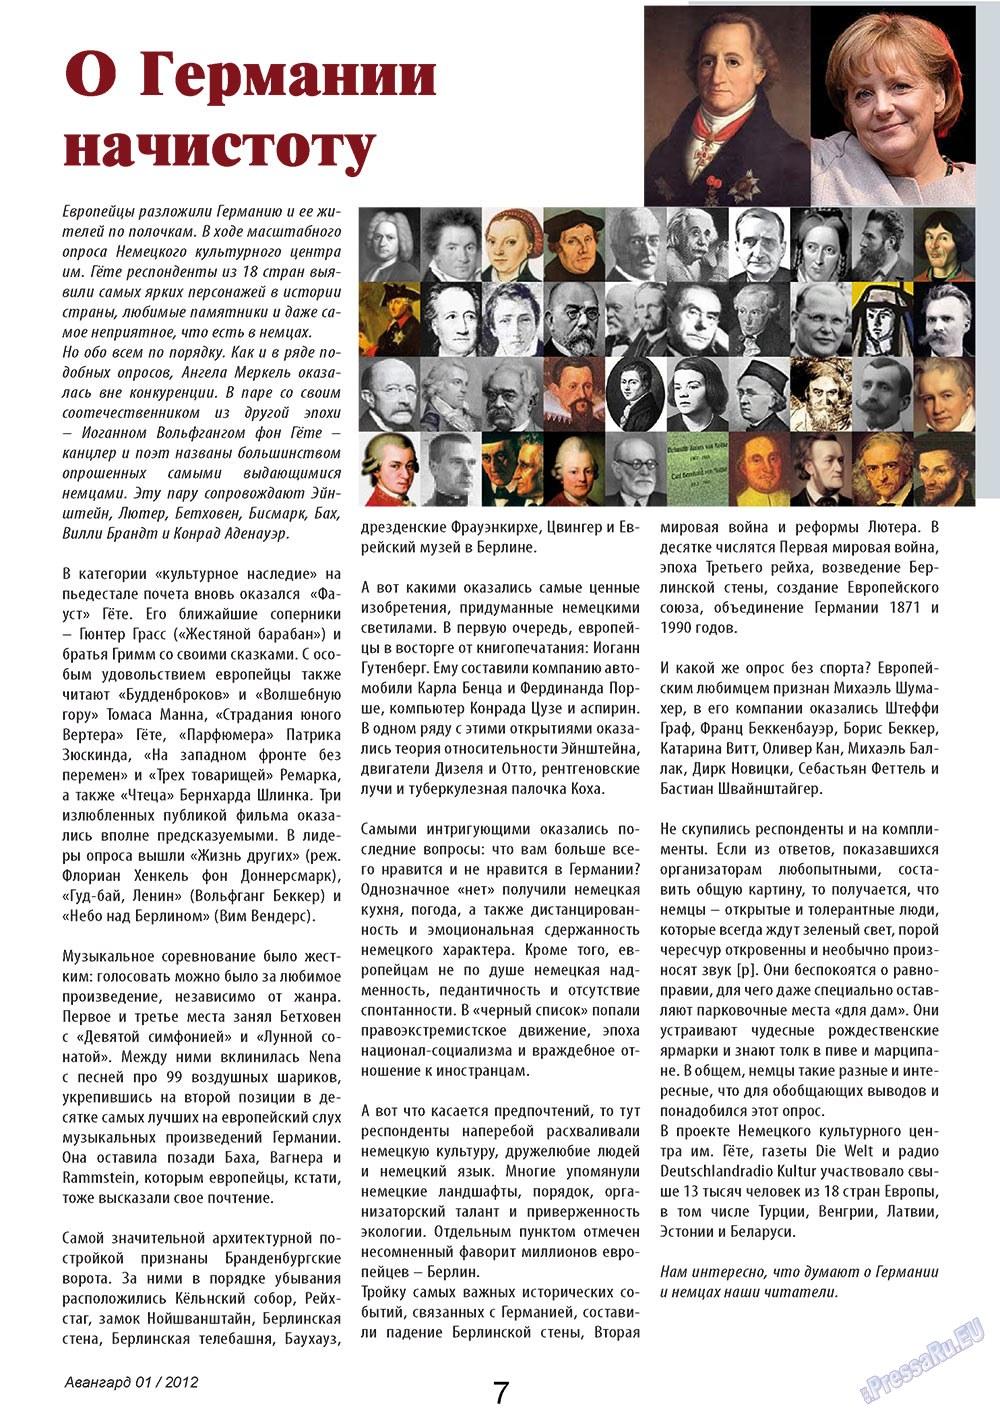 Авангард (журнал). 2012 год, номер 1, стр. 7